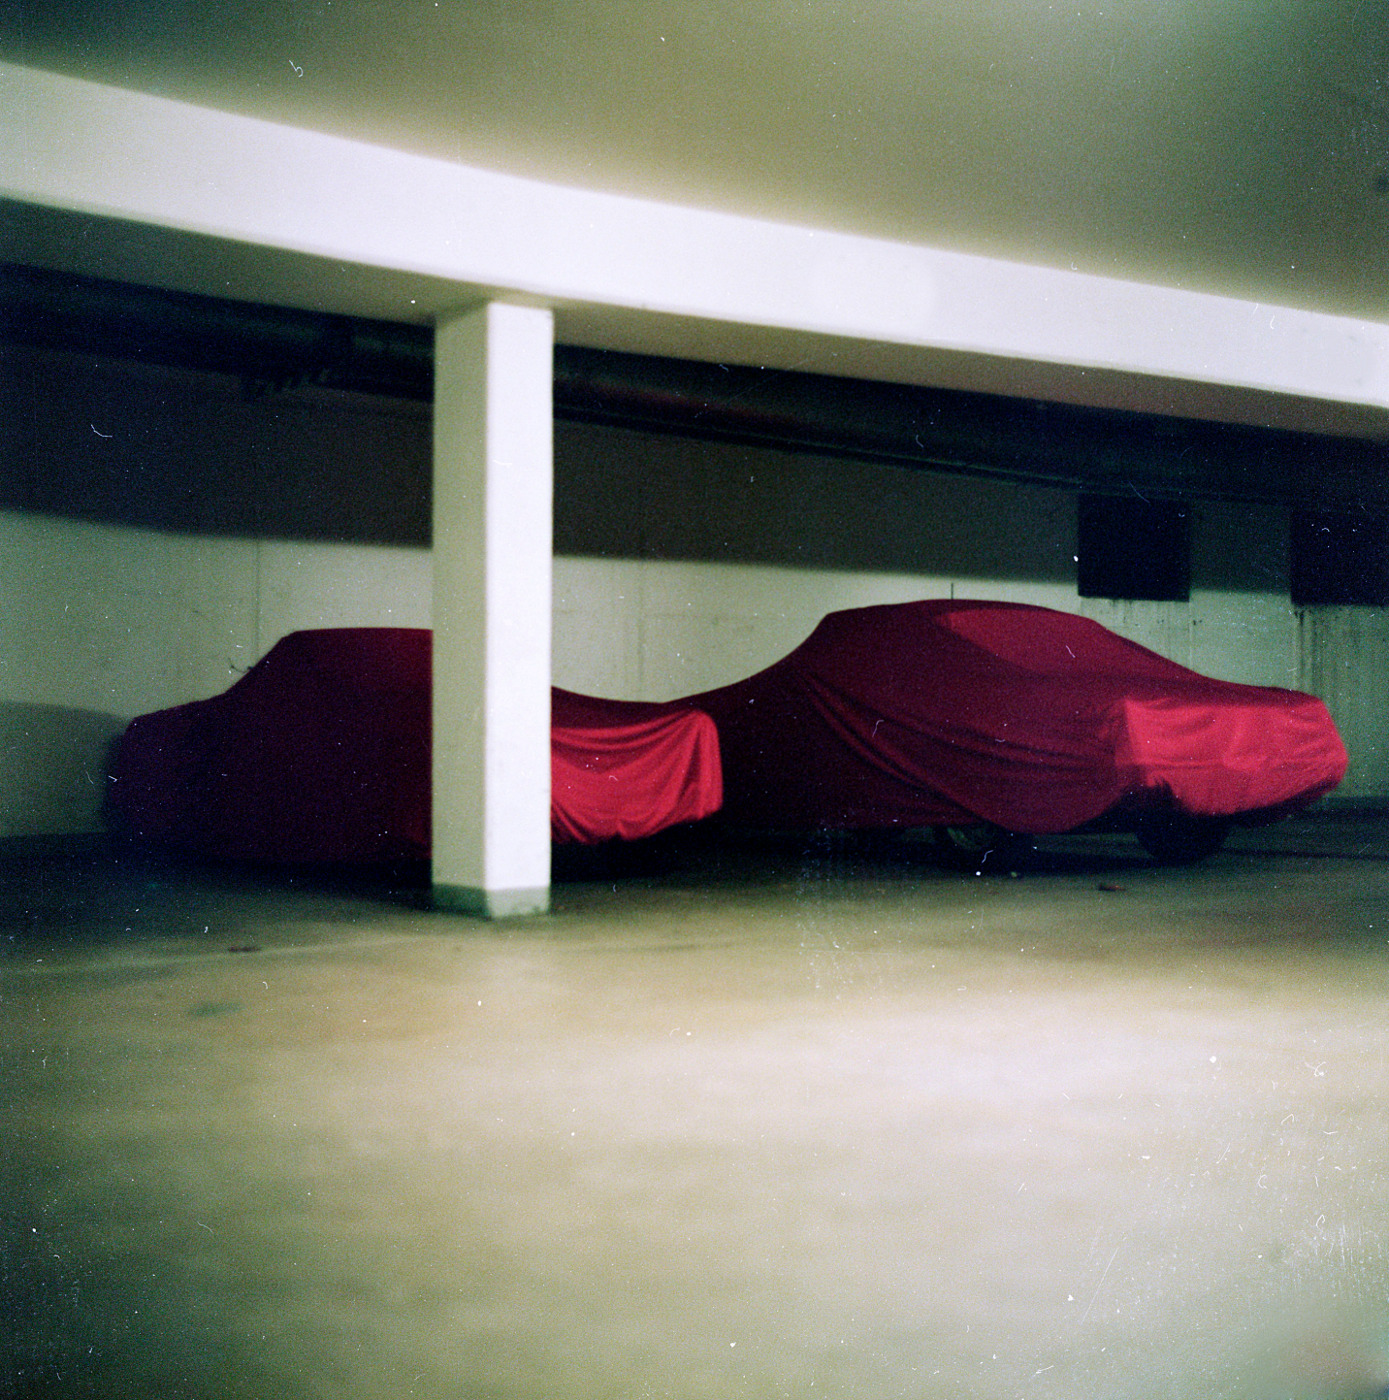 Lennart Normann phosmag photography germany